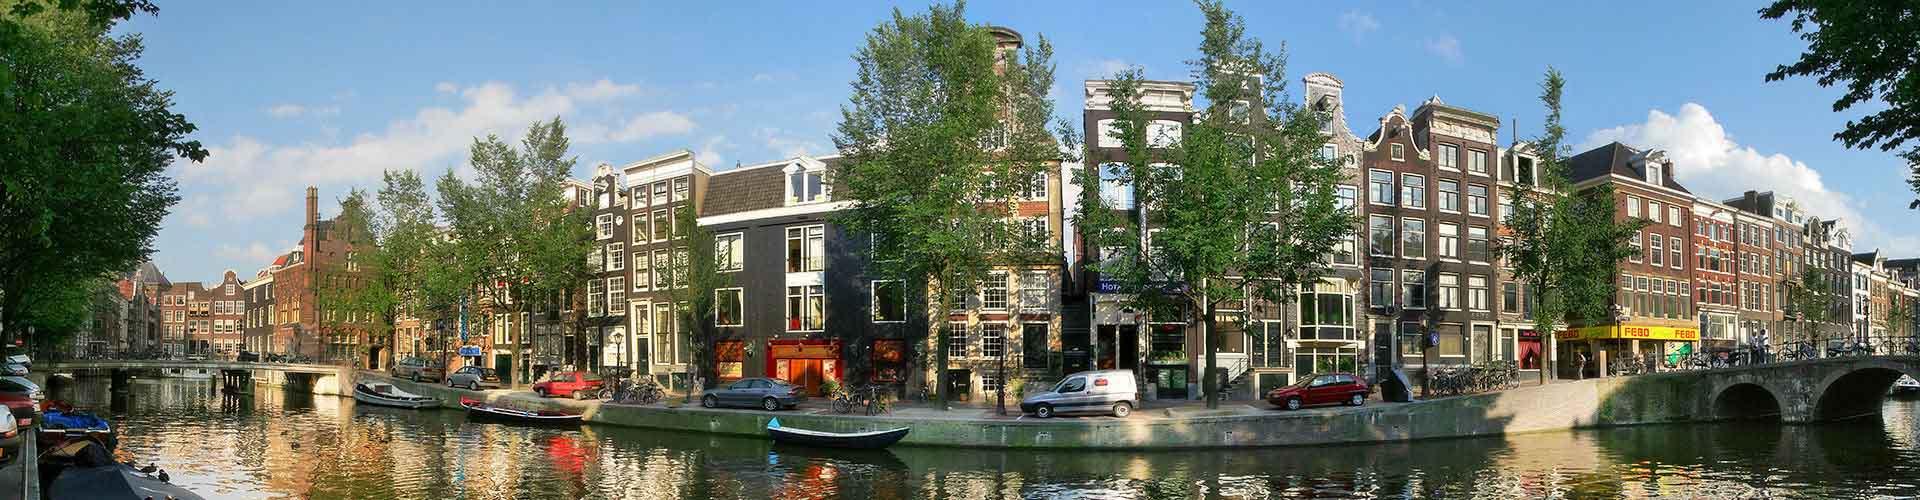 암스테르담 - 시티 센터와 가까운 호스텔. 암스테르담의 지도, 암스테르담에 위치한 호스텔 사진 및 후기 정보.